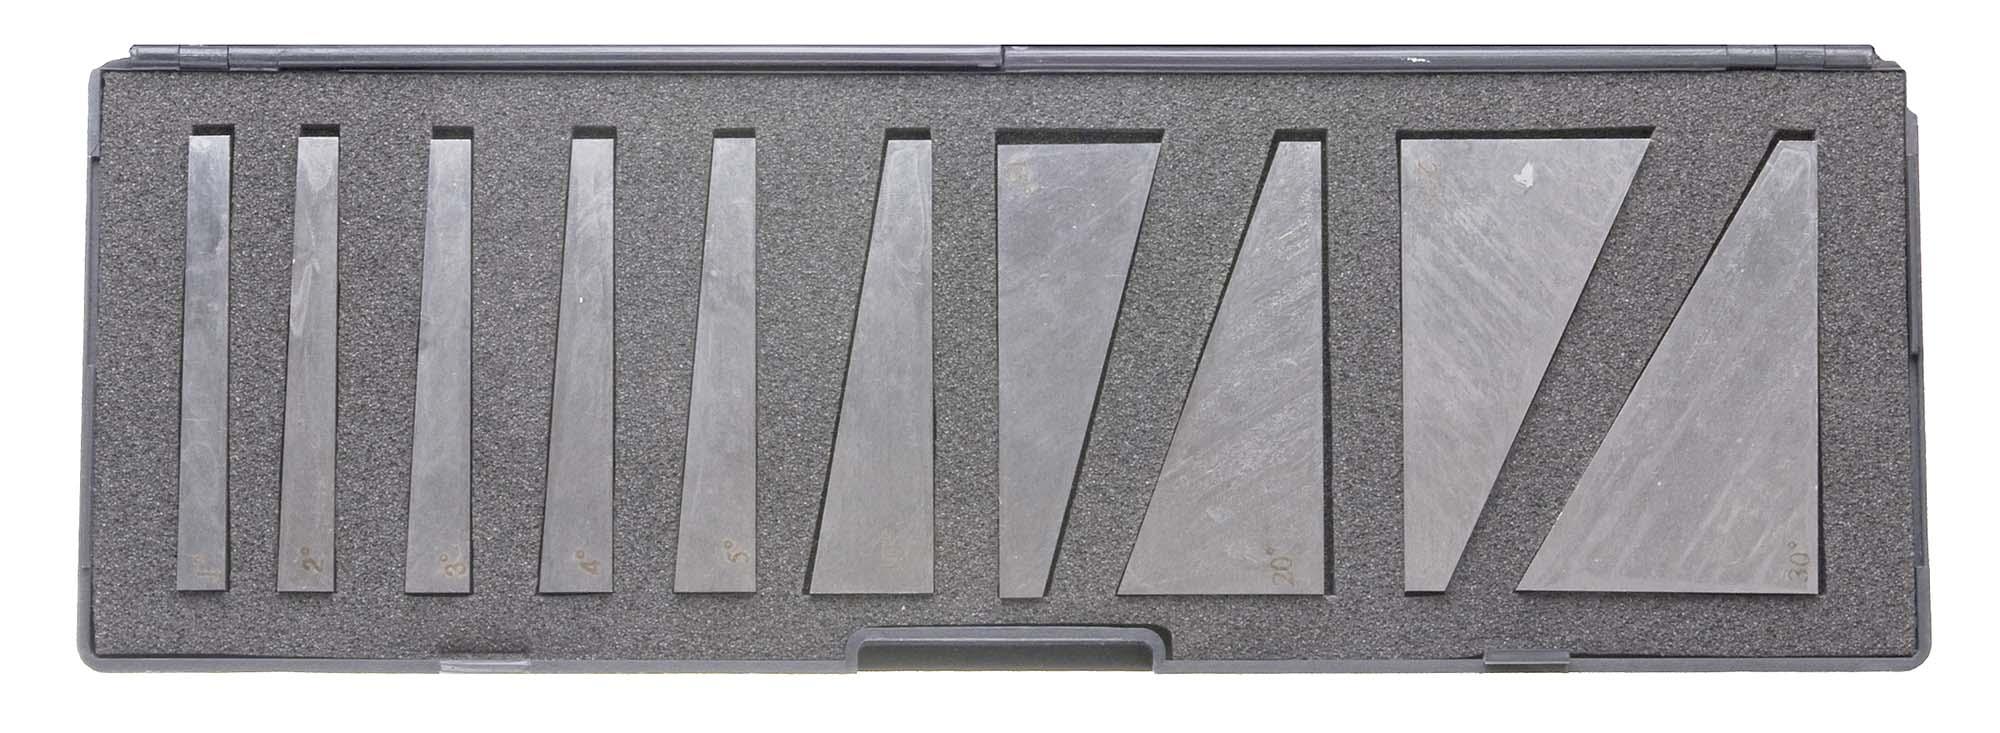 ANG-10 Angle Block Set-10 piece